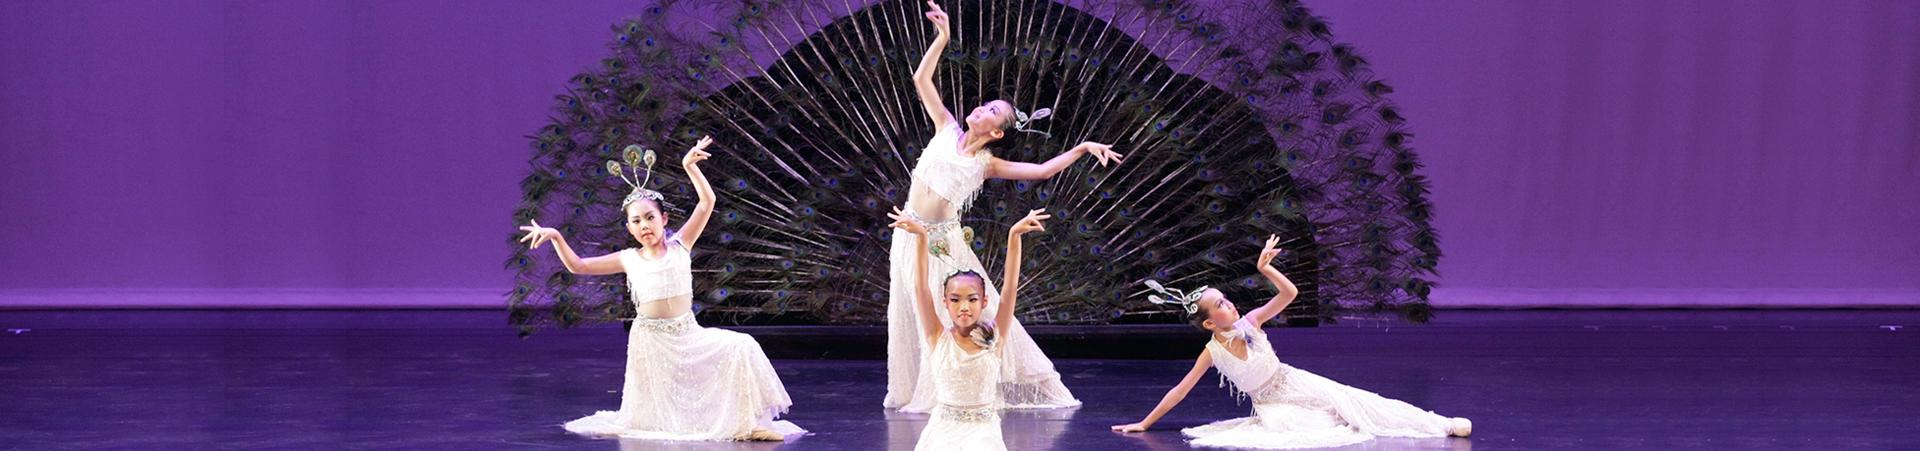 紅瓦舞蹈藝術中心官方網站|紅瓦民族舞蹈團